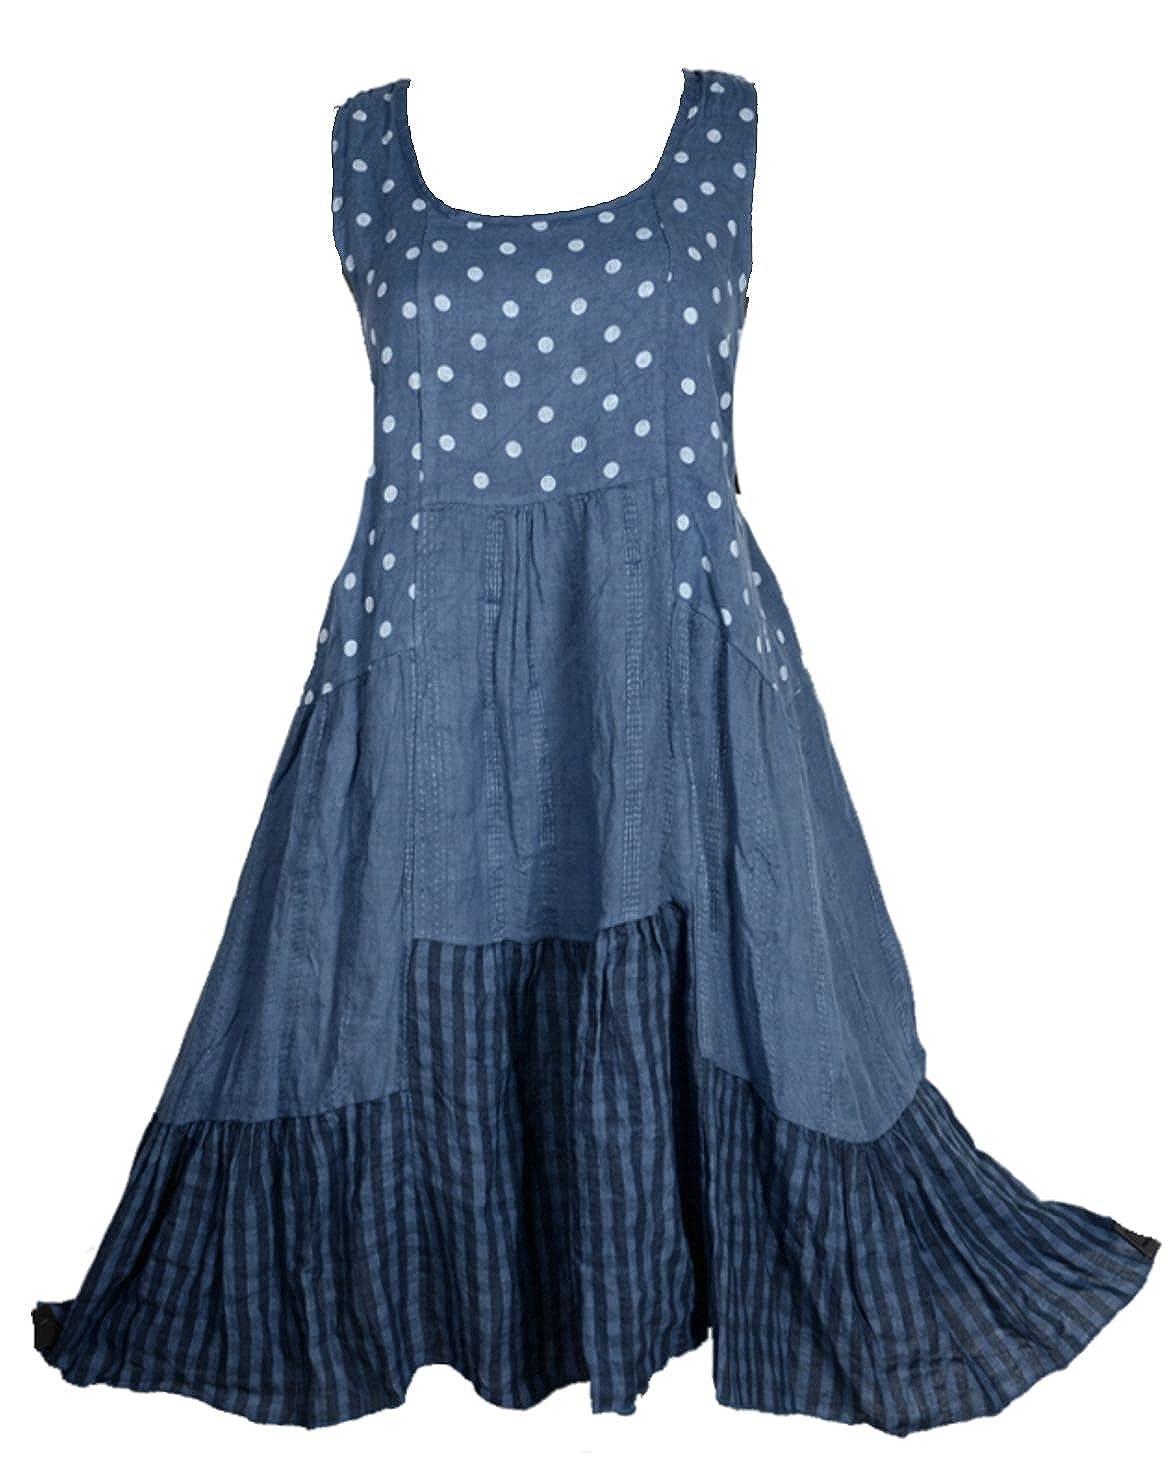 Damen Patchwork Leinen Lagenlook Sommer Kleid Tunika 44 46